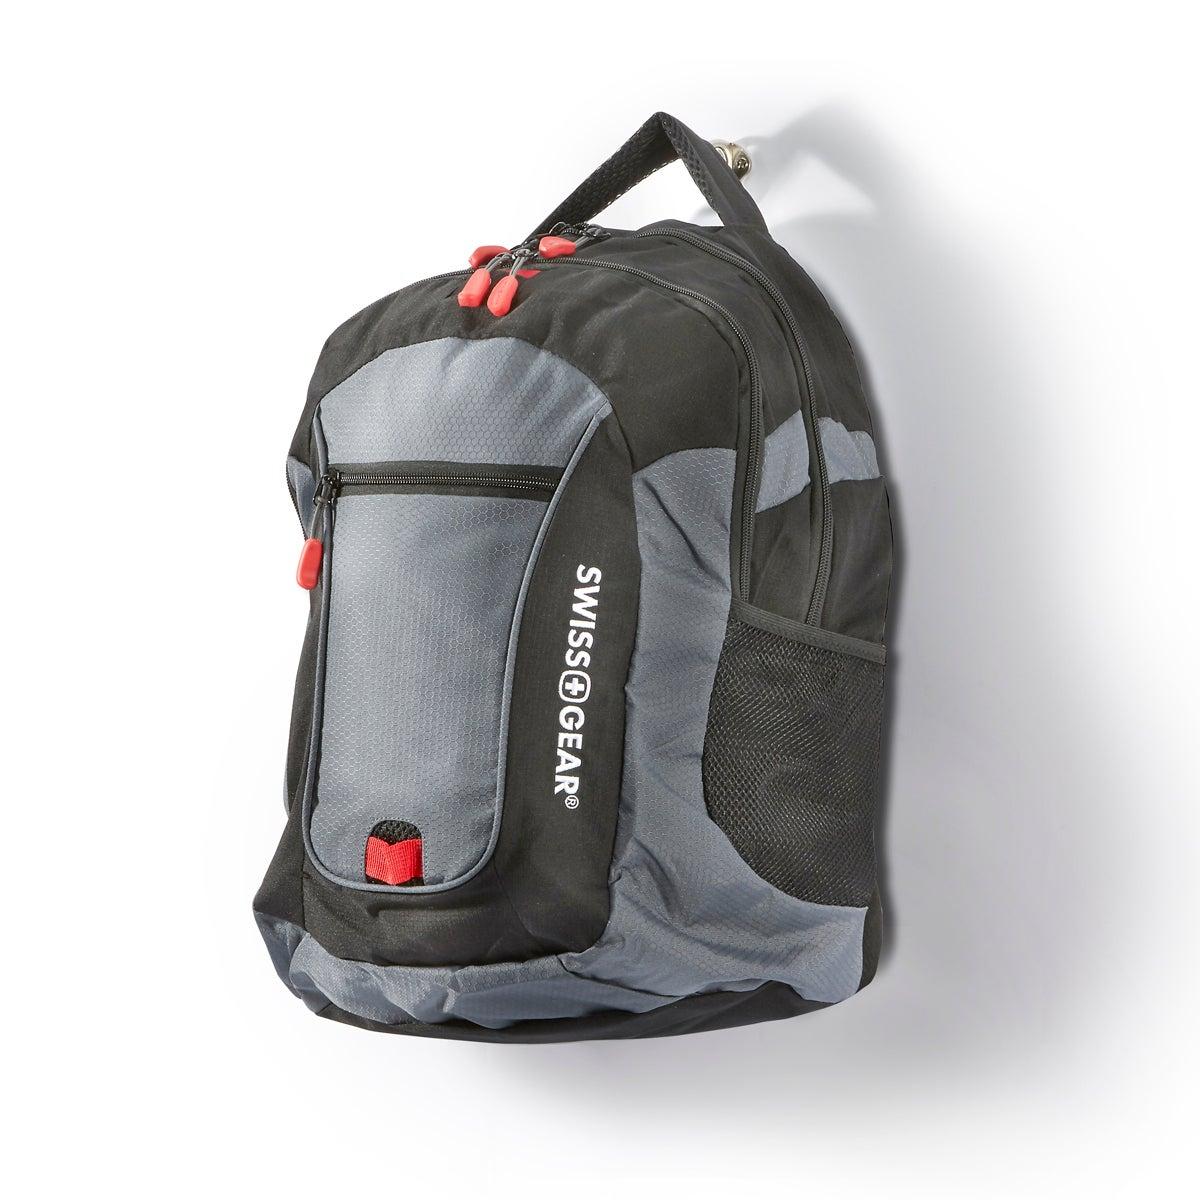 Mns Swiss Gear black backpack